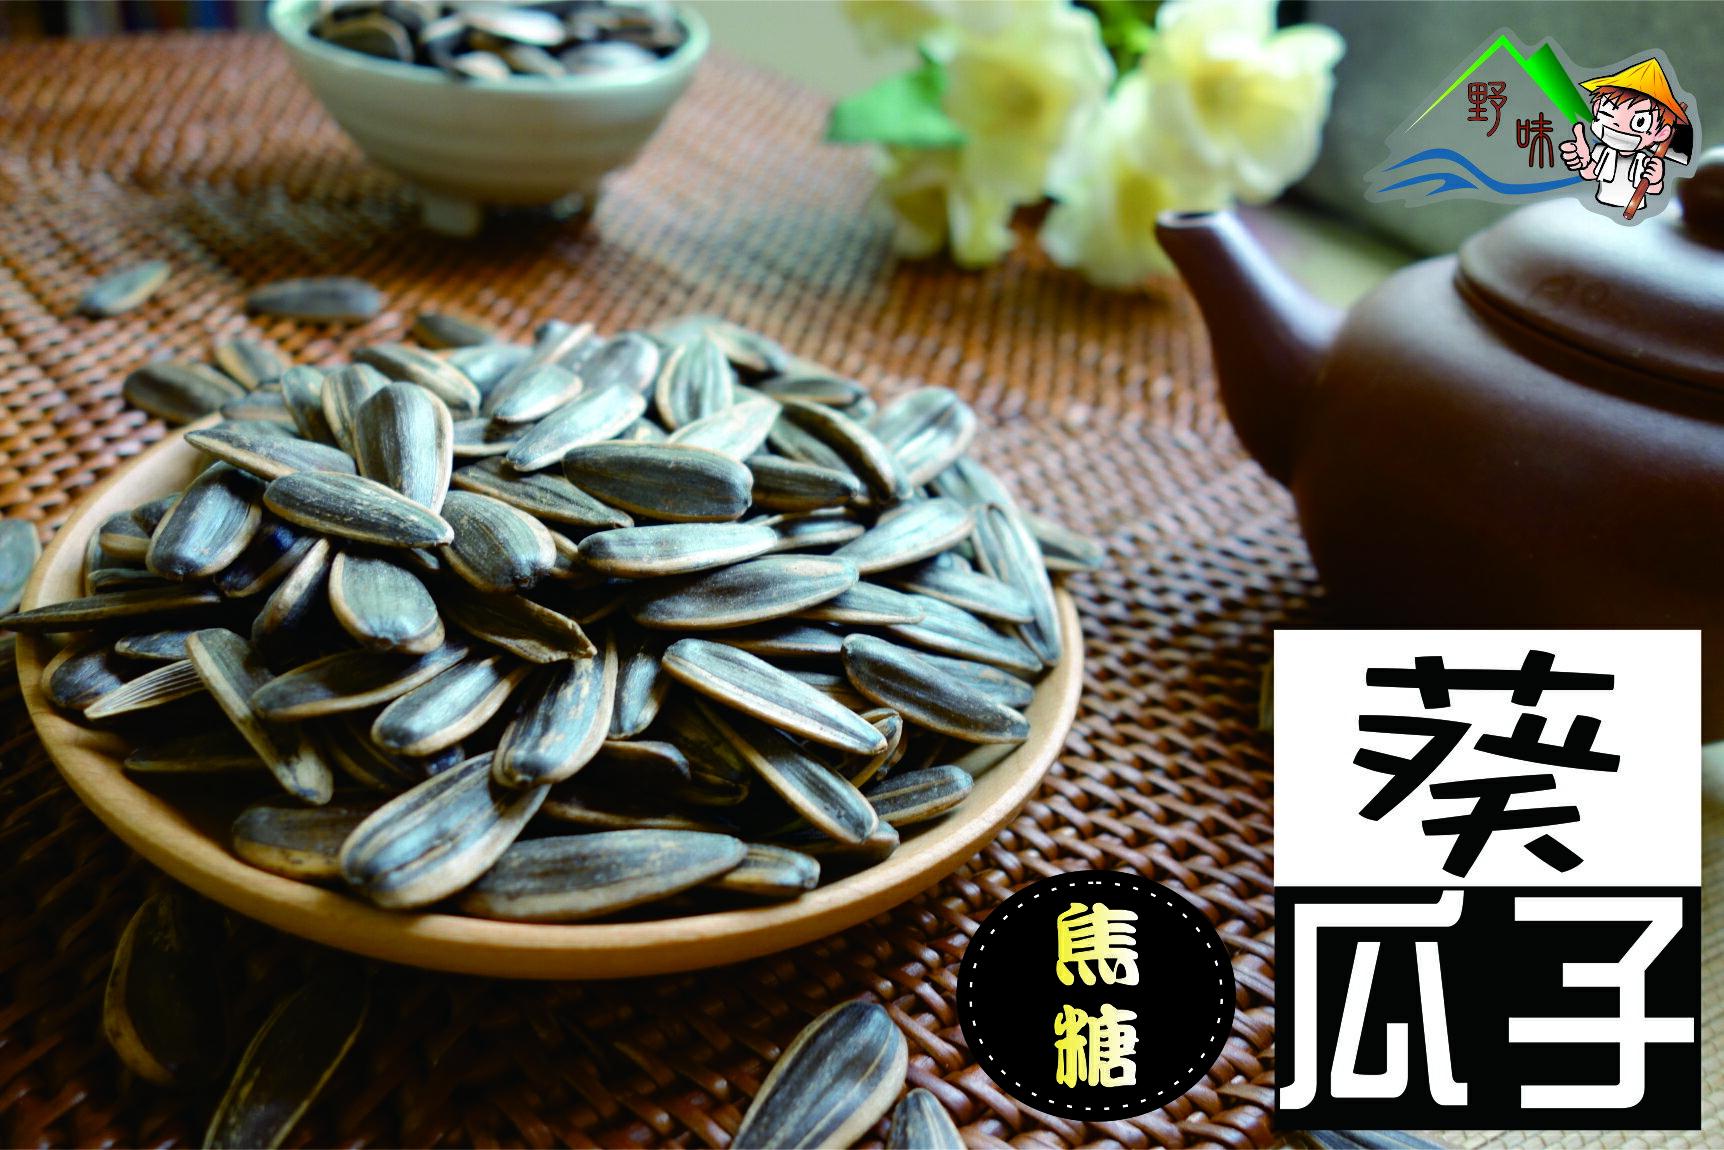 【野味食品】鄭美香 焦糖葵瓜子125g/包,355g/包,3000g/包